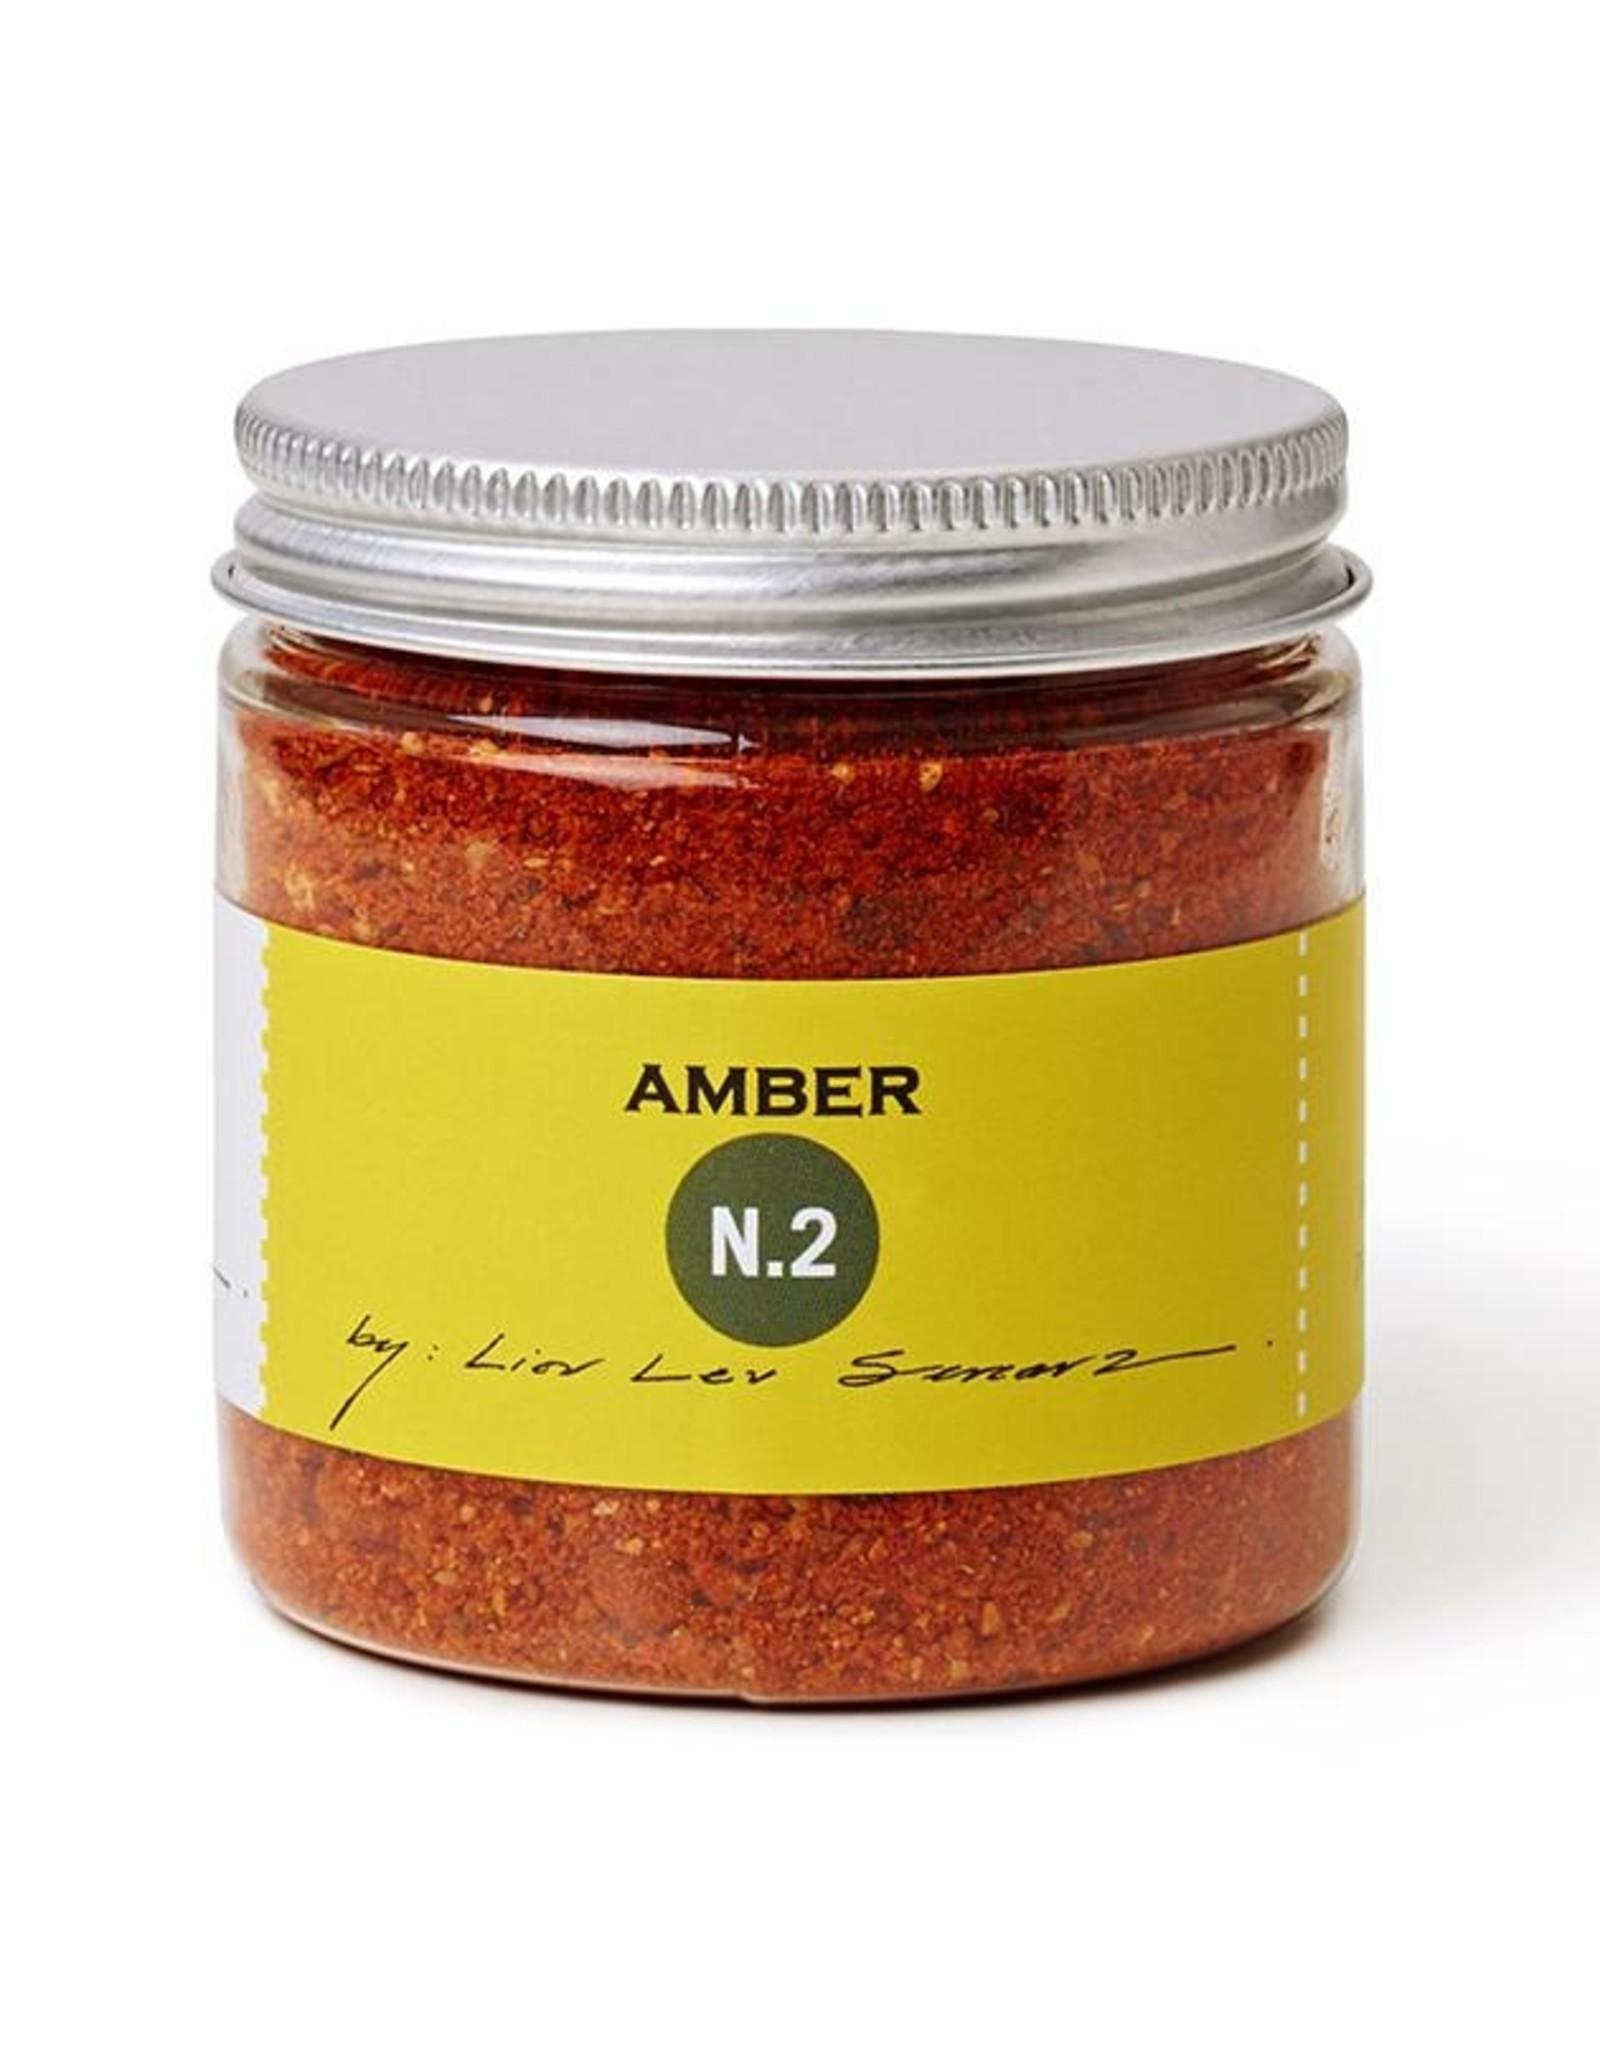 La Boite La Boite Amber (N.2)